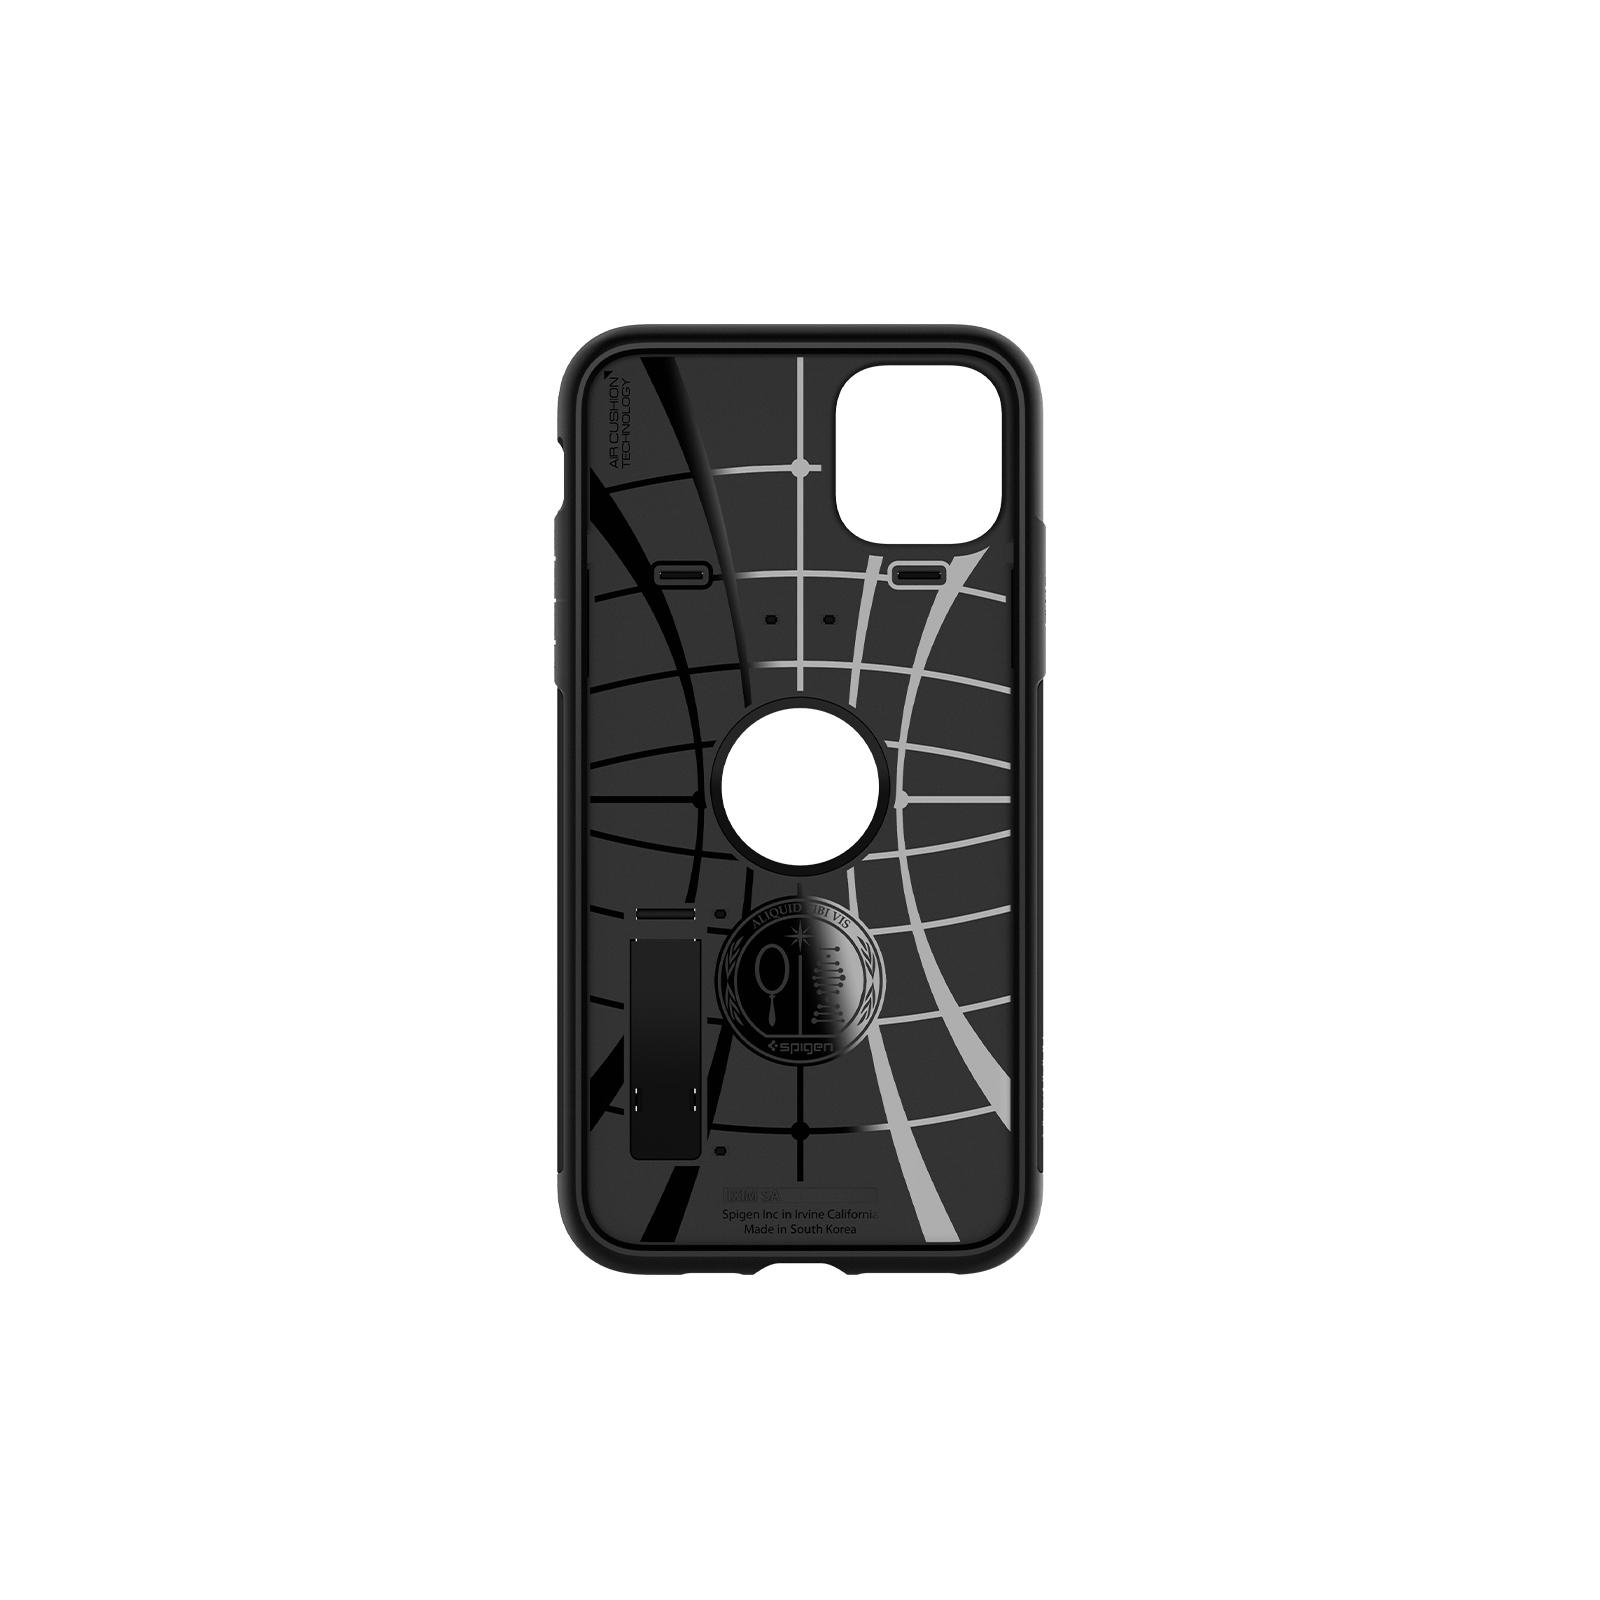 Чехол для моб. телефона Spigen iPhone 11 Pro Slim Armor, Black (077CS27099) изображение 3